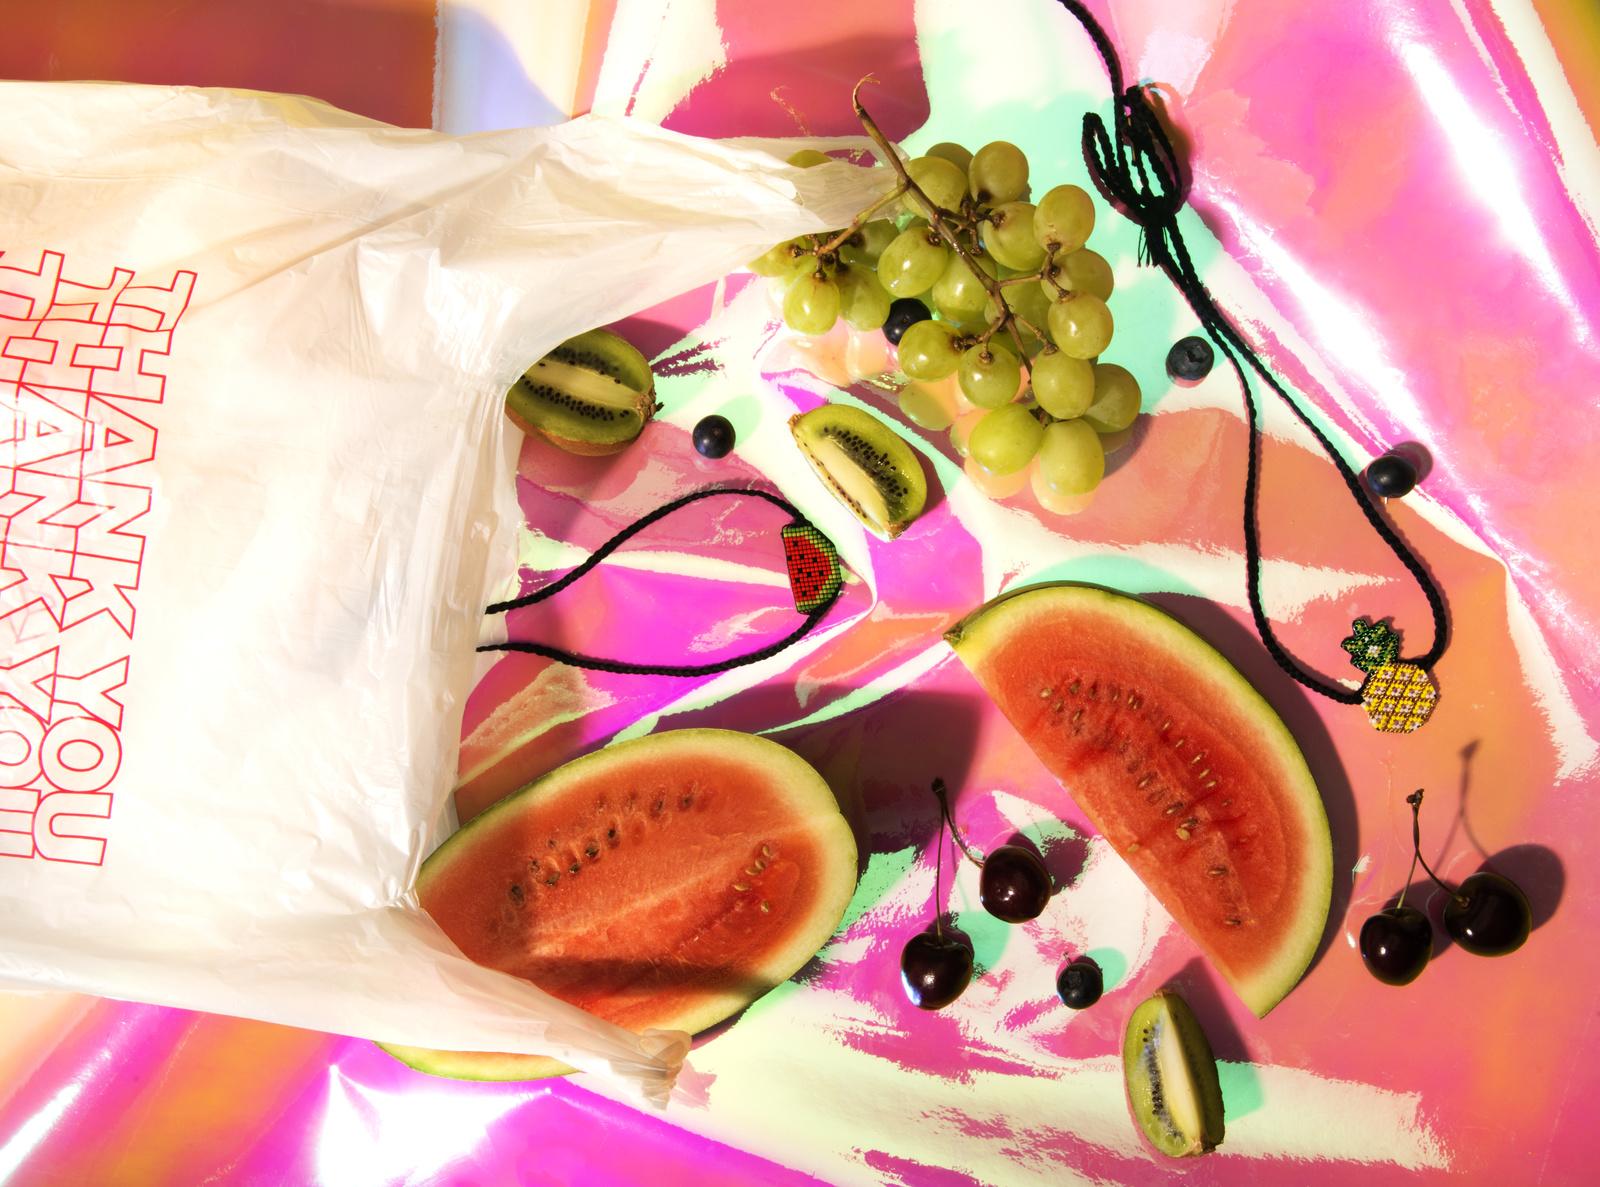 PF17_Lookbook_Still_Life_Shopping_bag-717